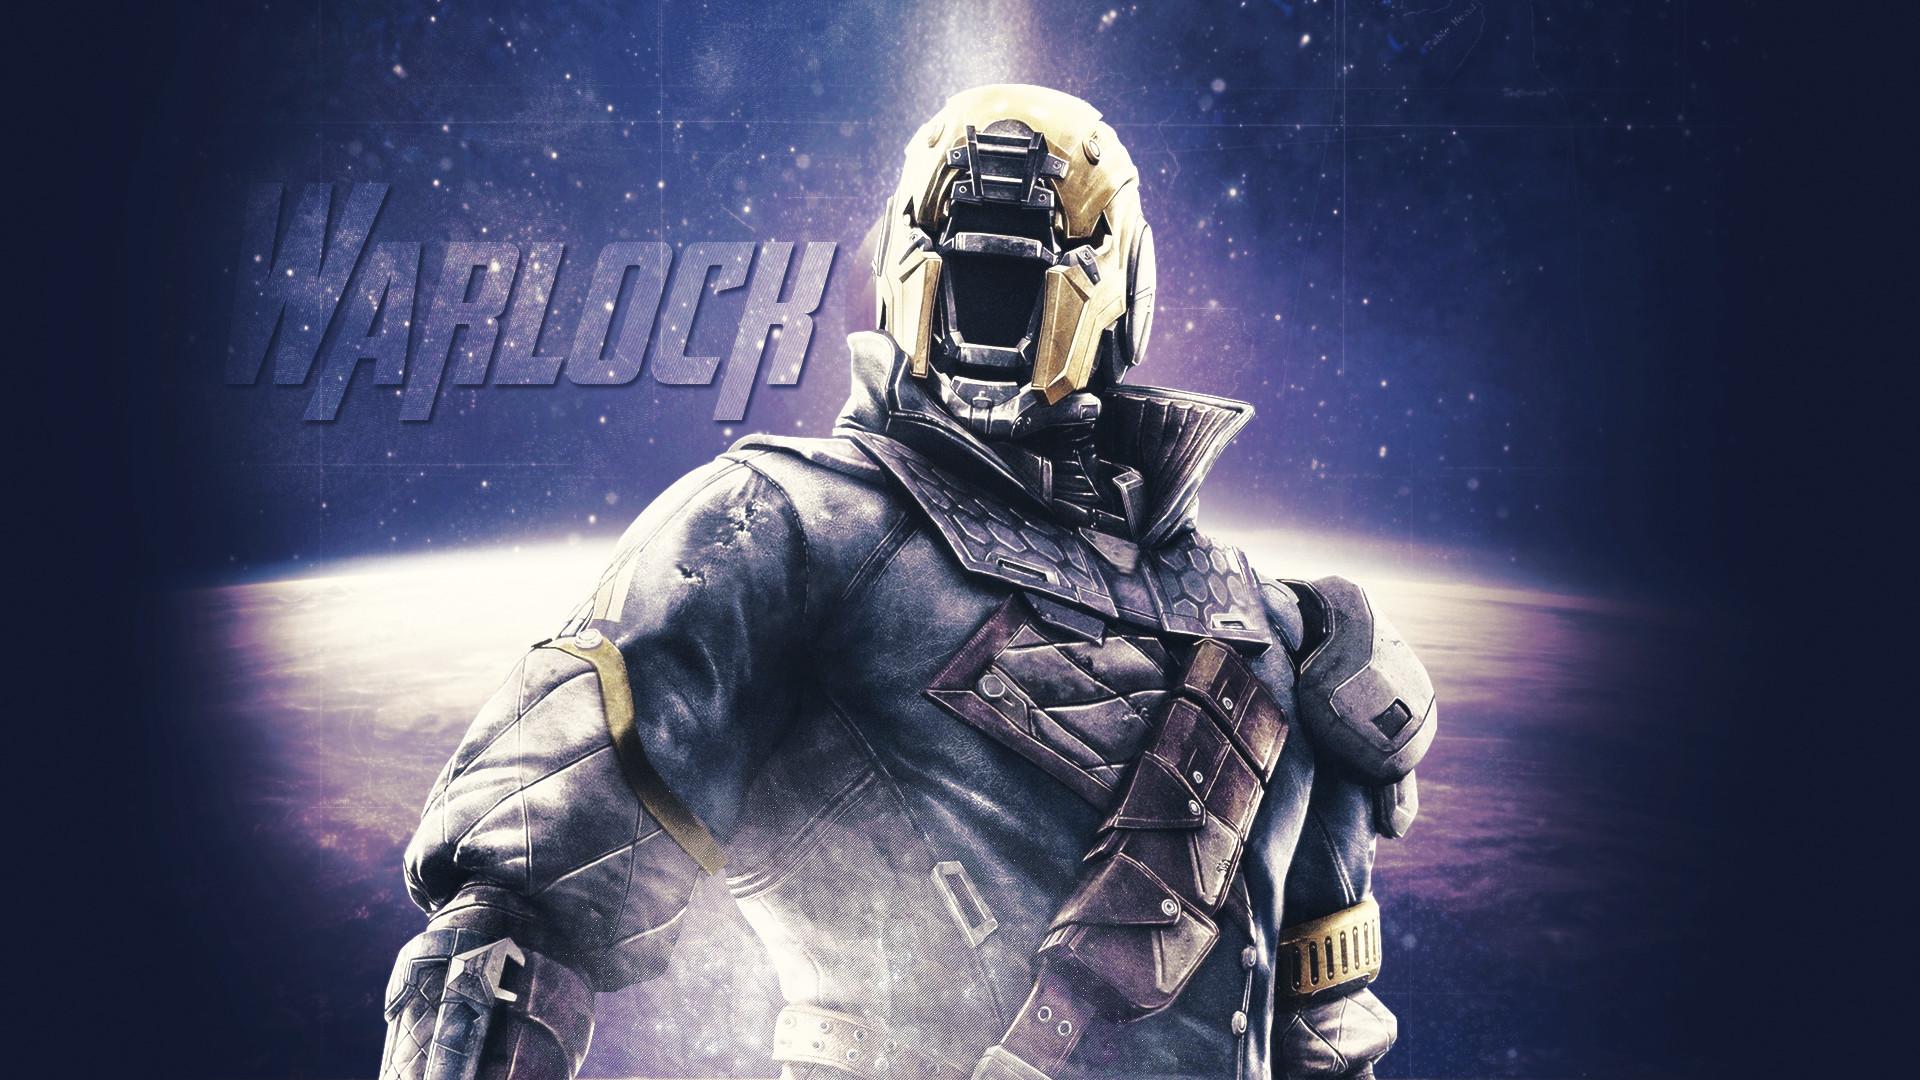 <b>Warlock Destiny Wallpaper</b> 1080P